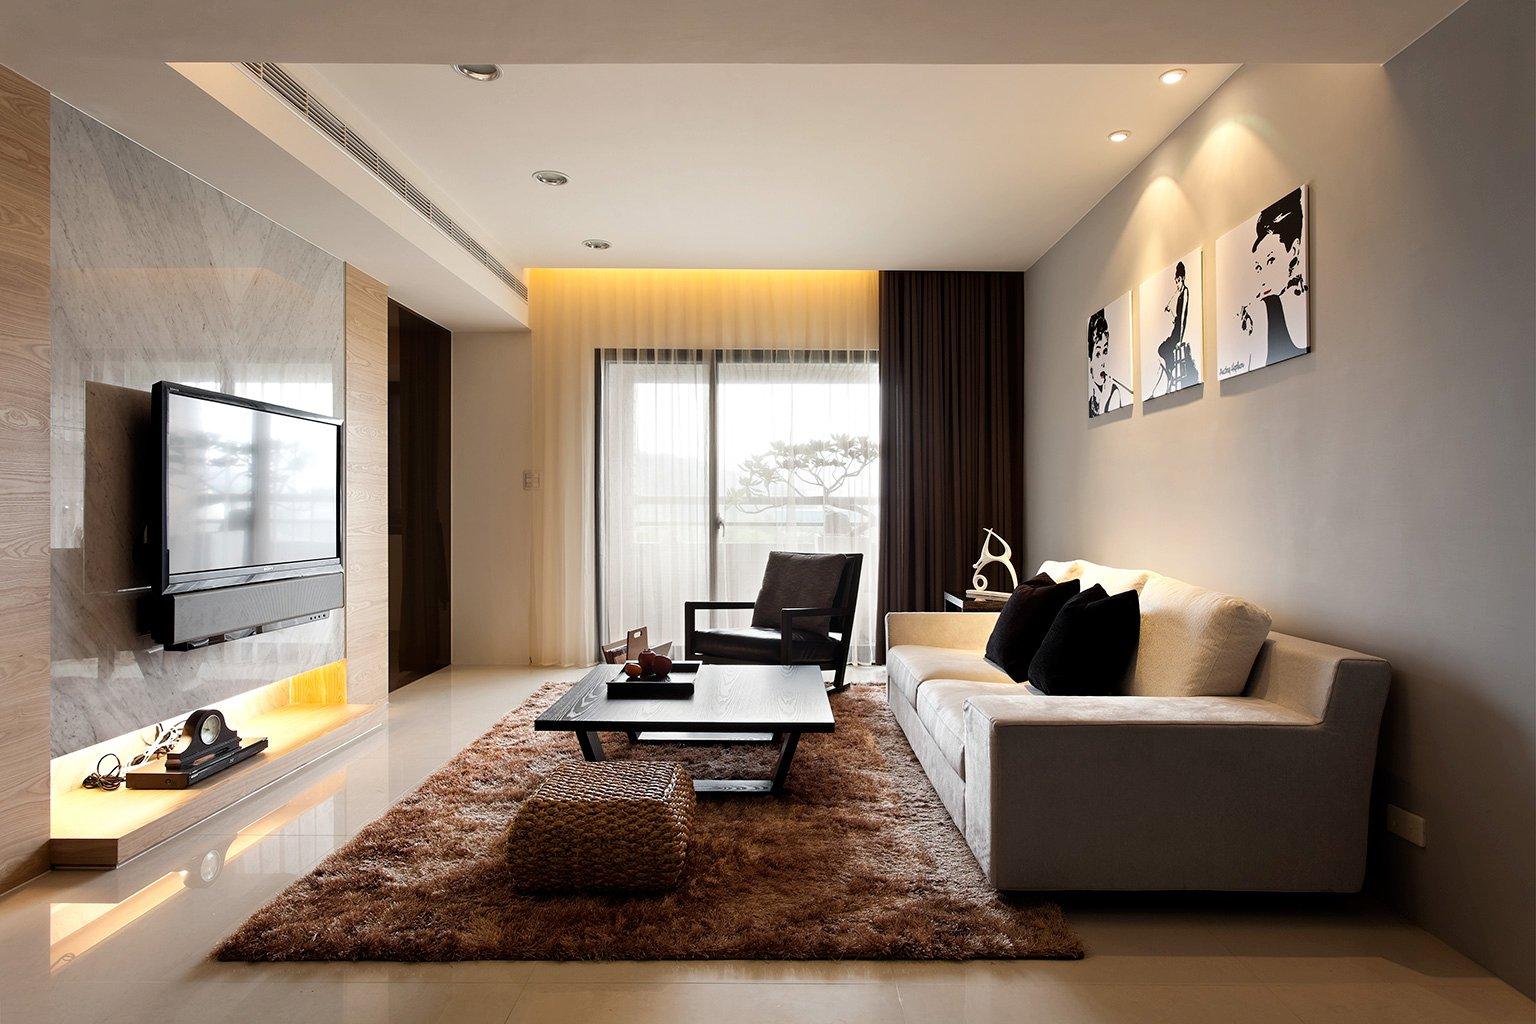 гостиная площадью 16 кв м фото дизайна